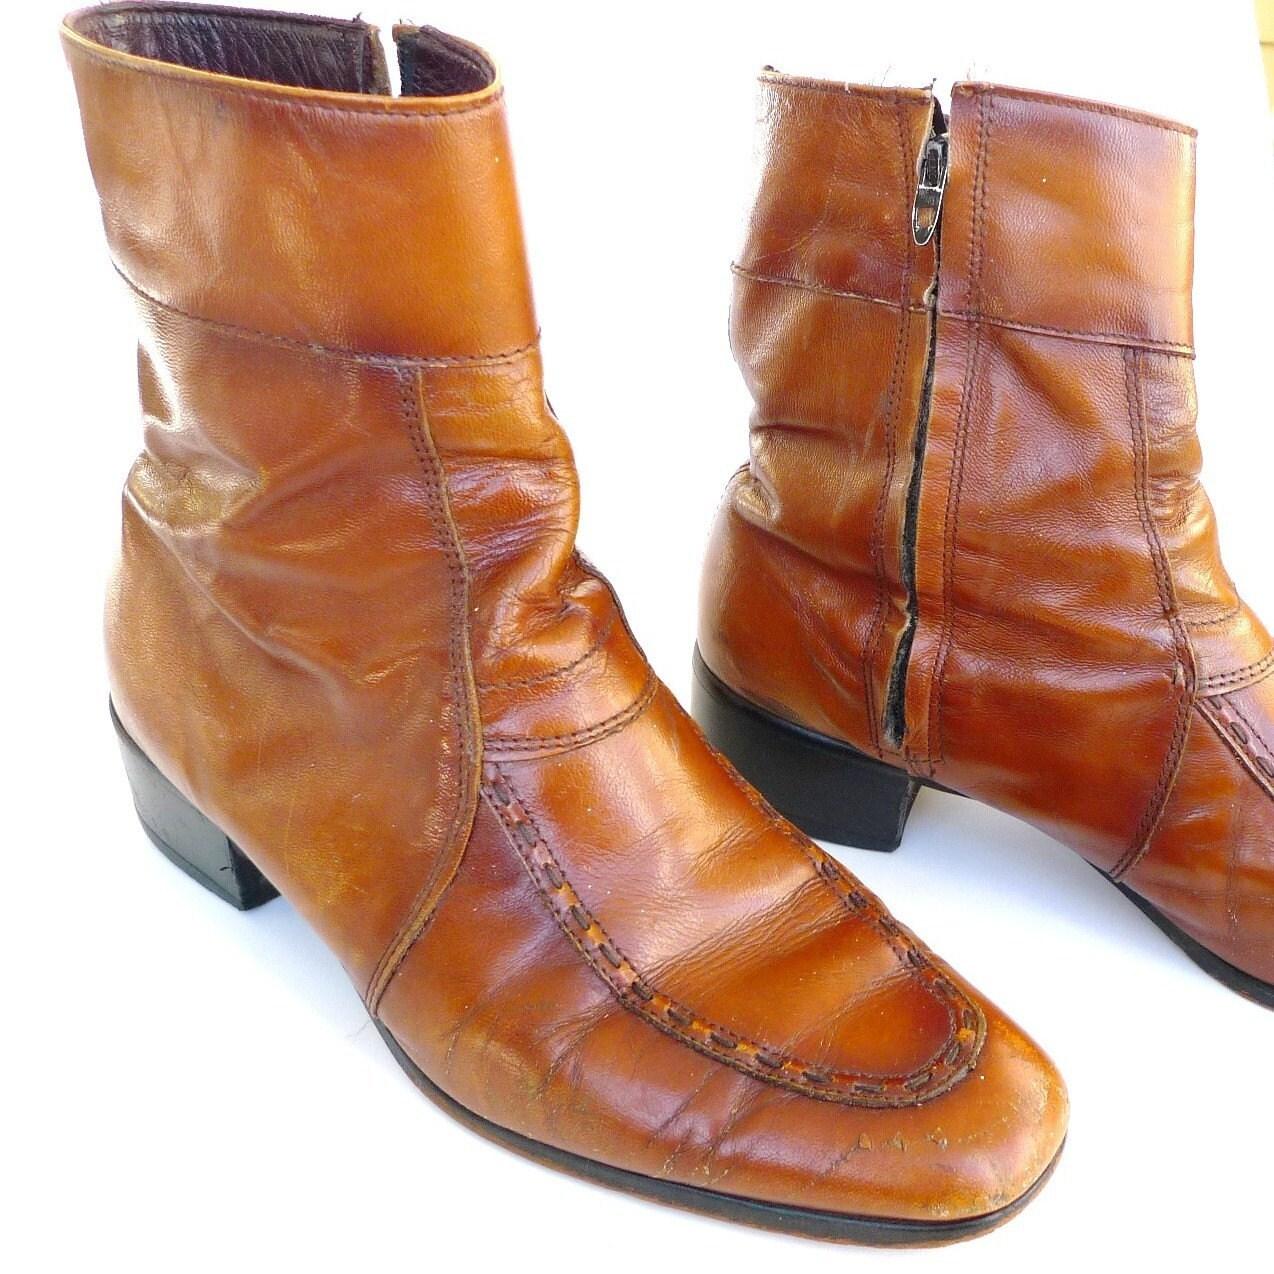 steve mcqueen chelsea boots vintage mens boots ankle zipper